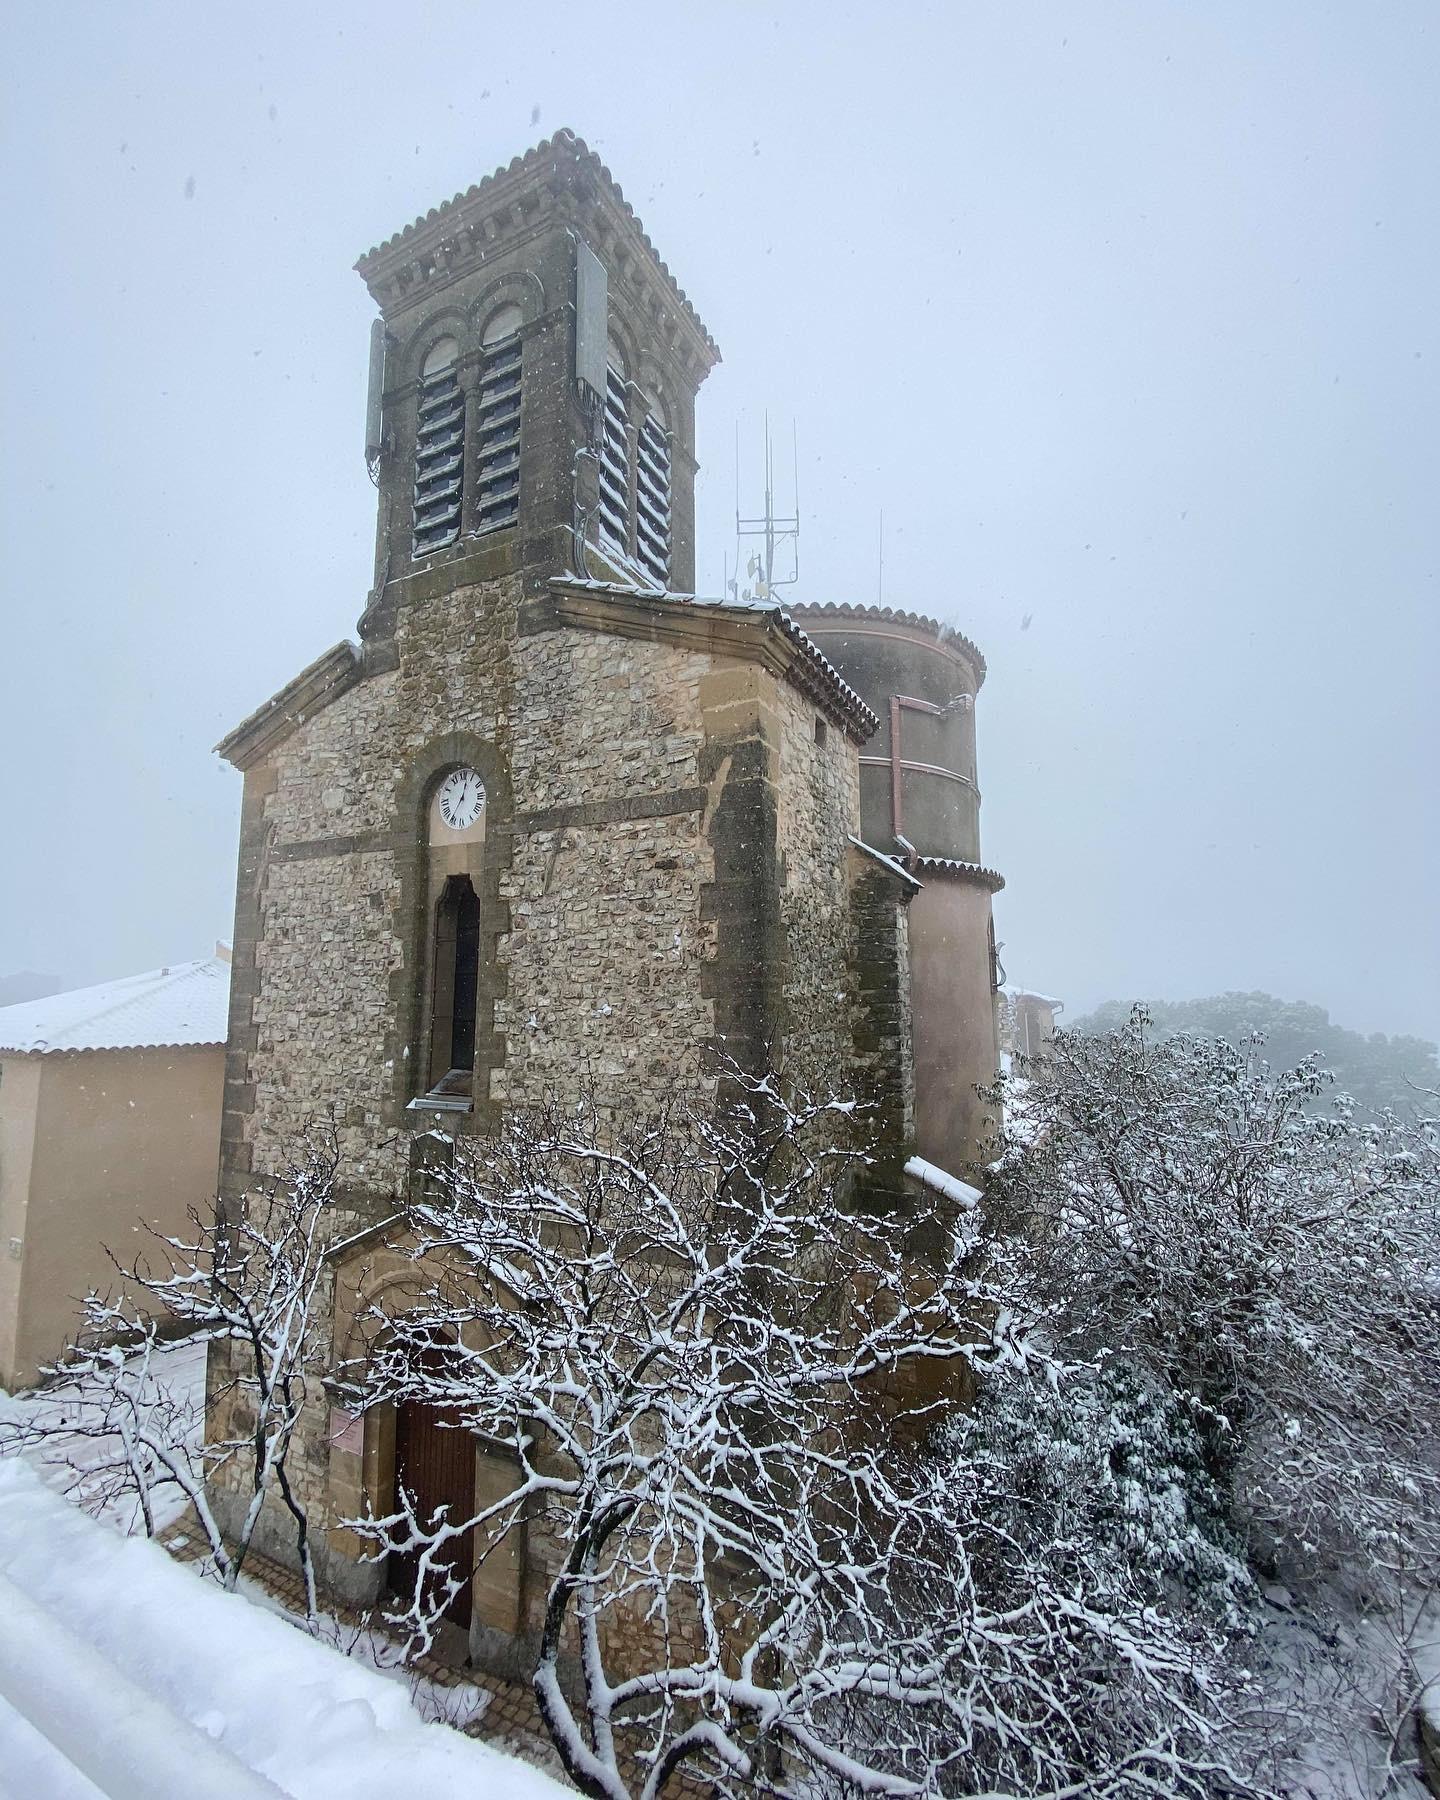 Vue de l'église de Venelles sous la neige